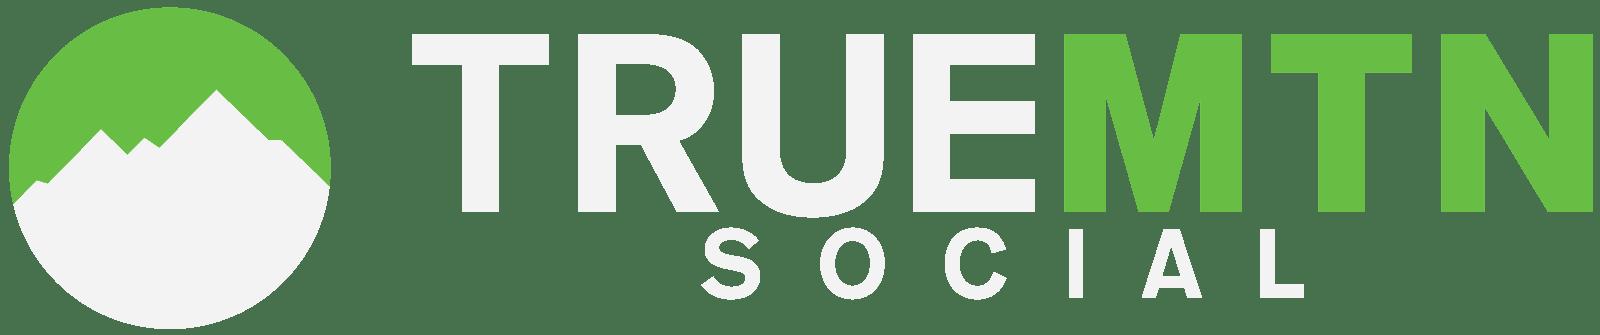 truemtn-social-light-logo